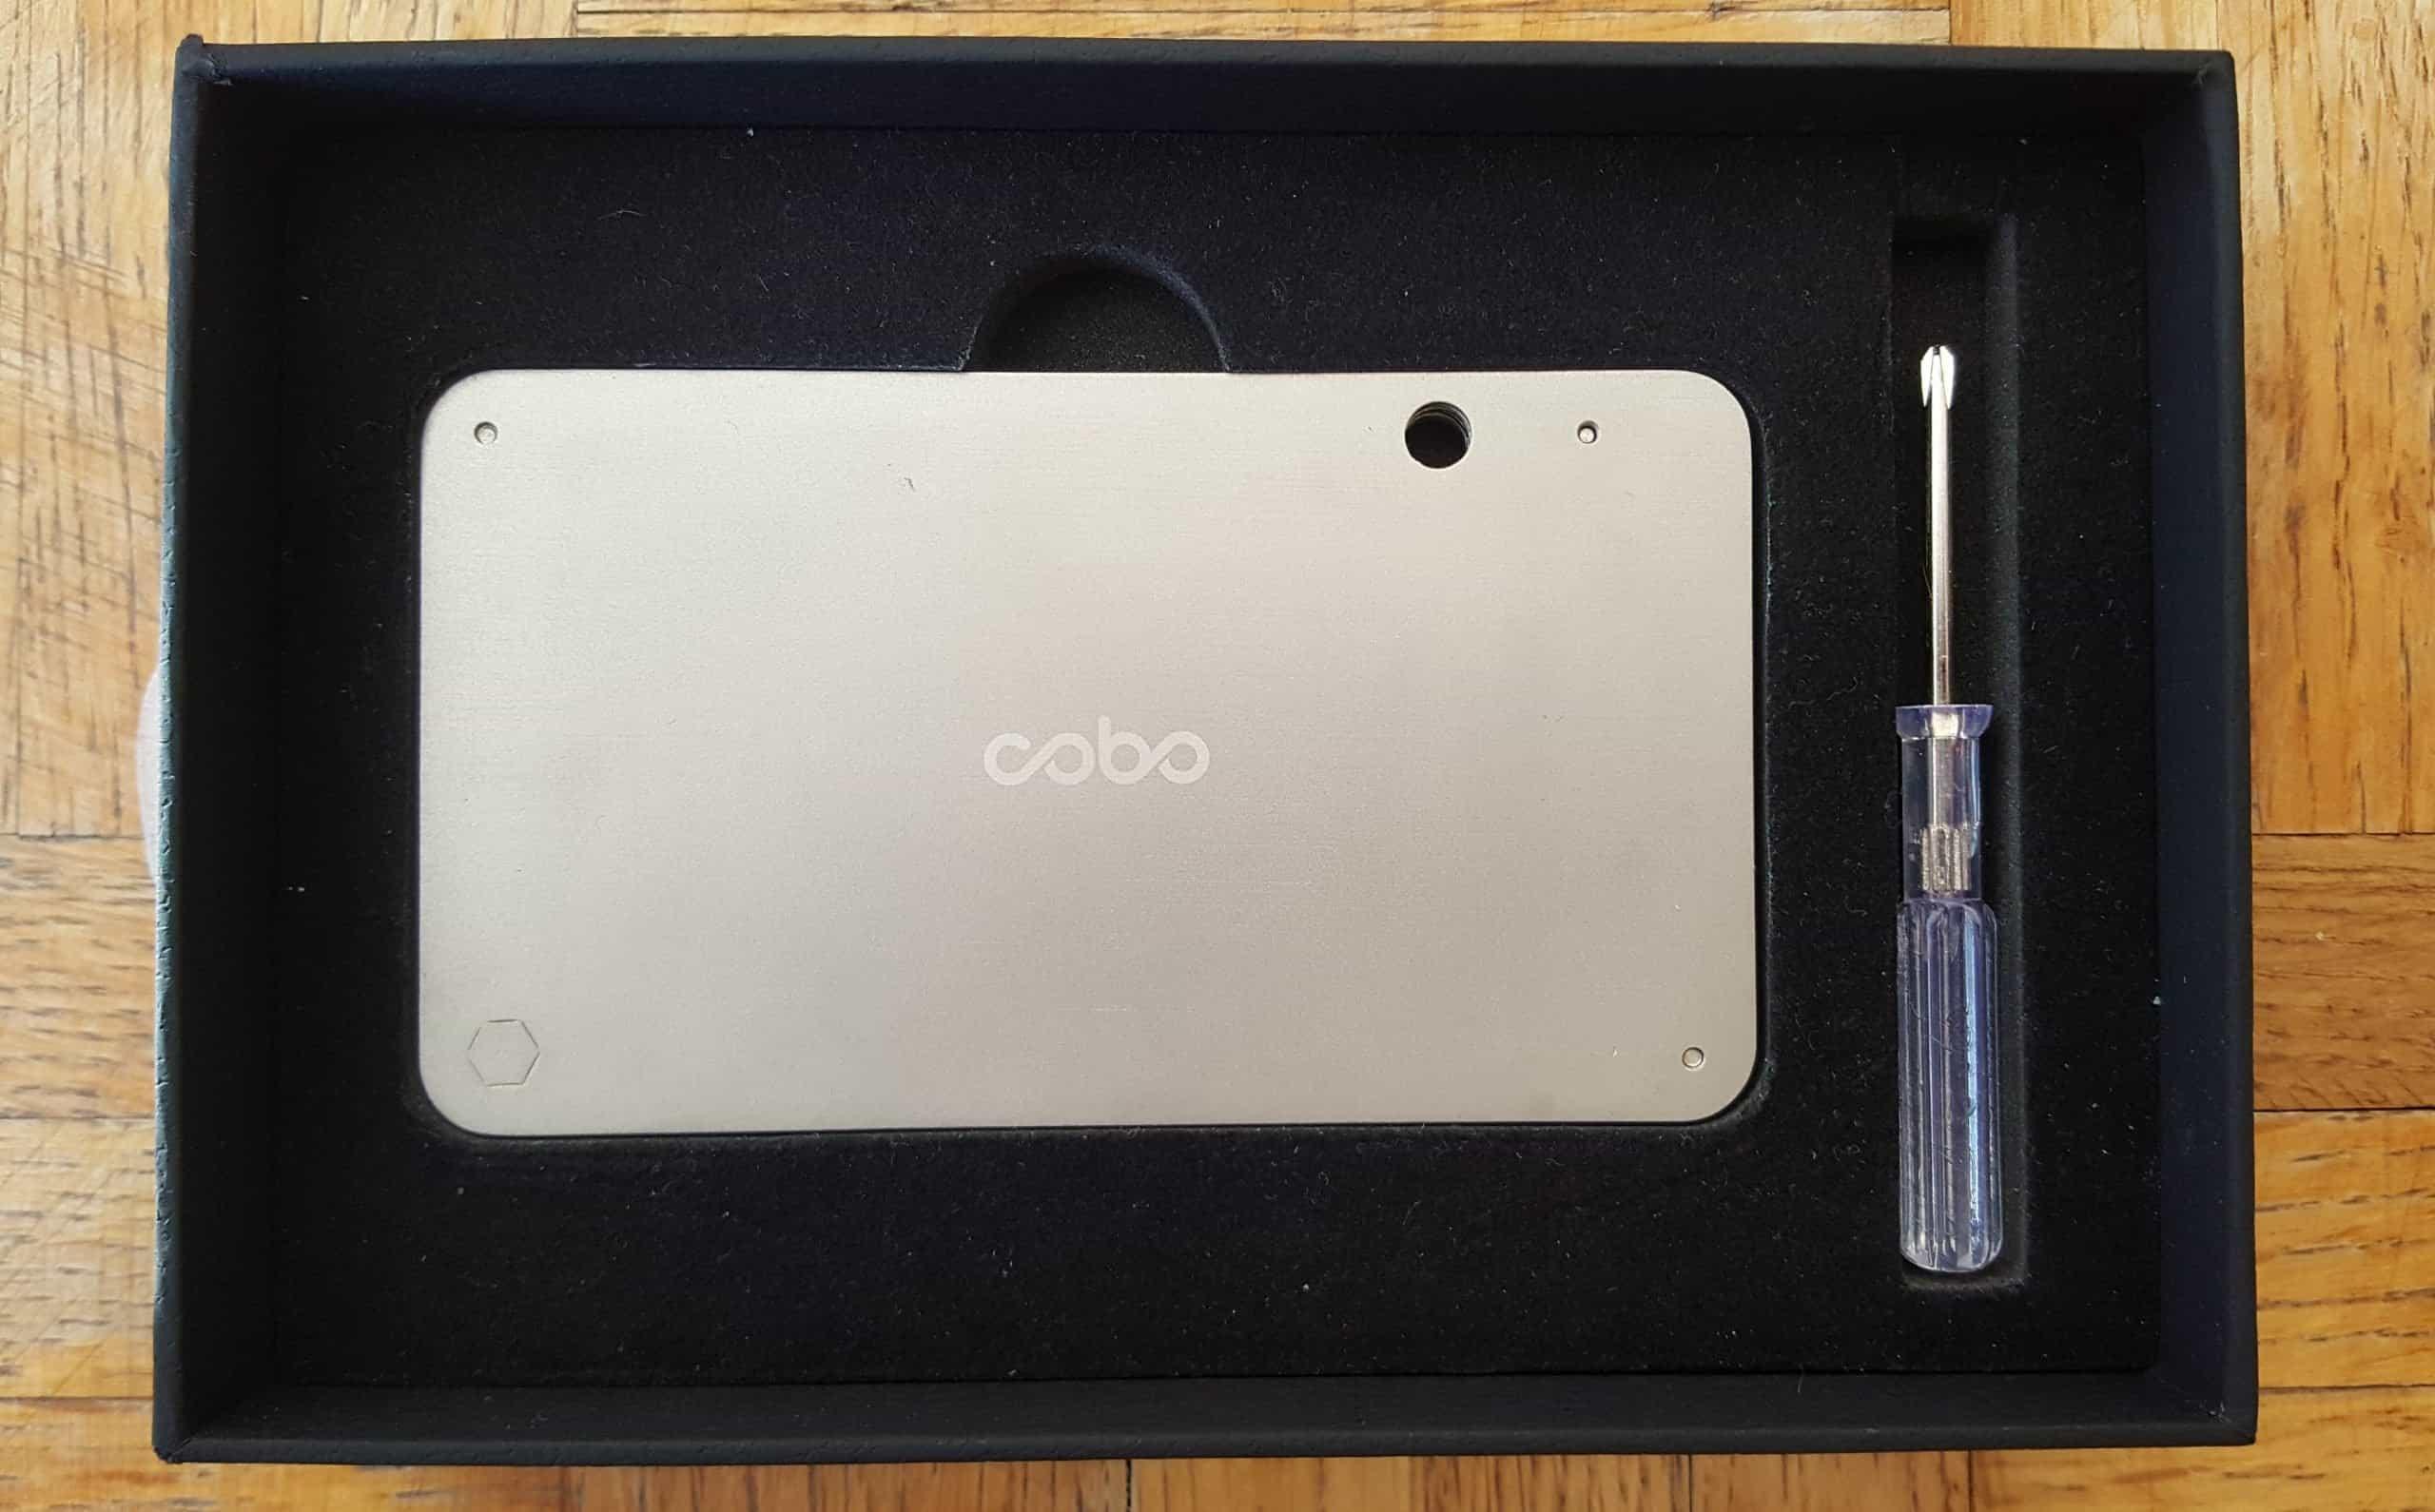 Opening Cobo box